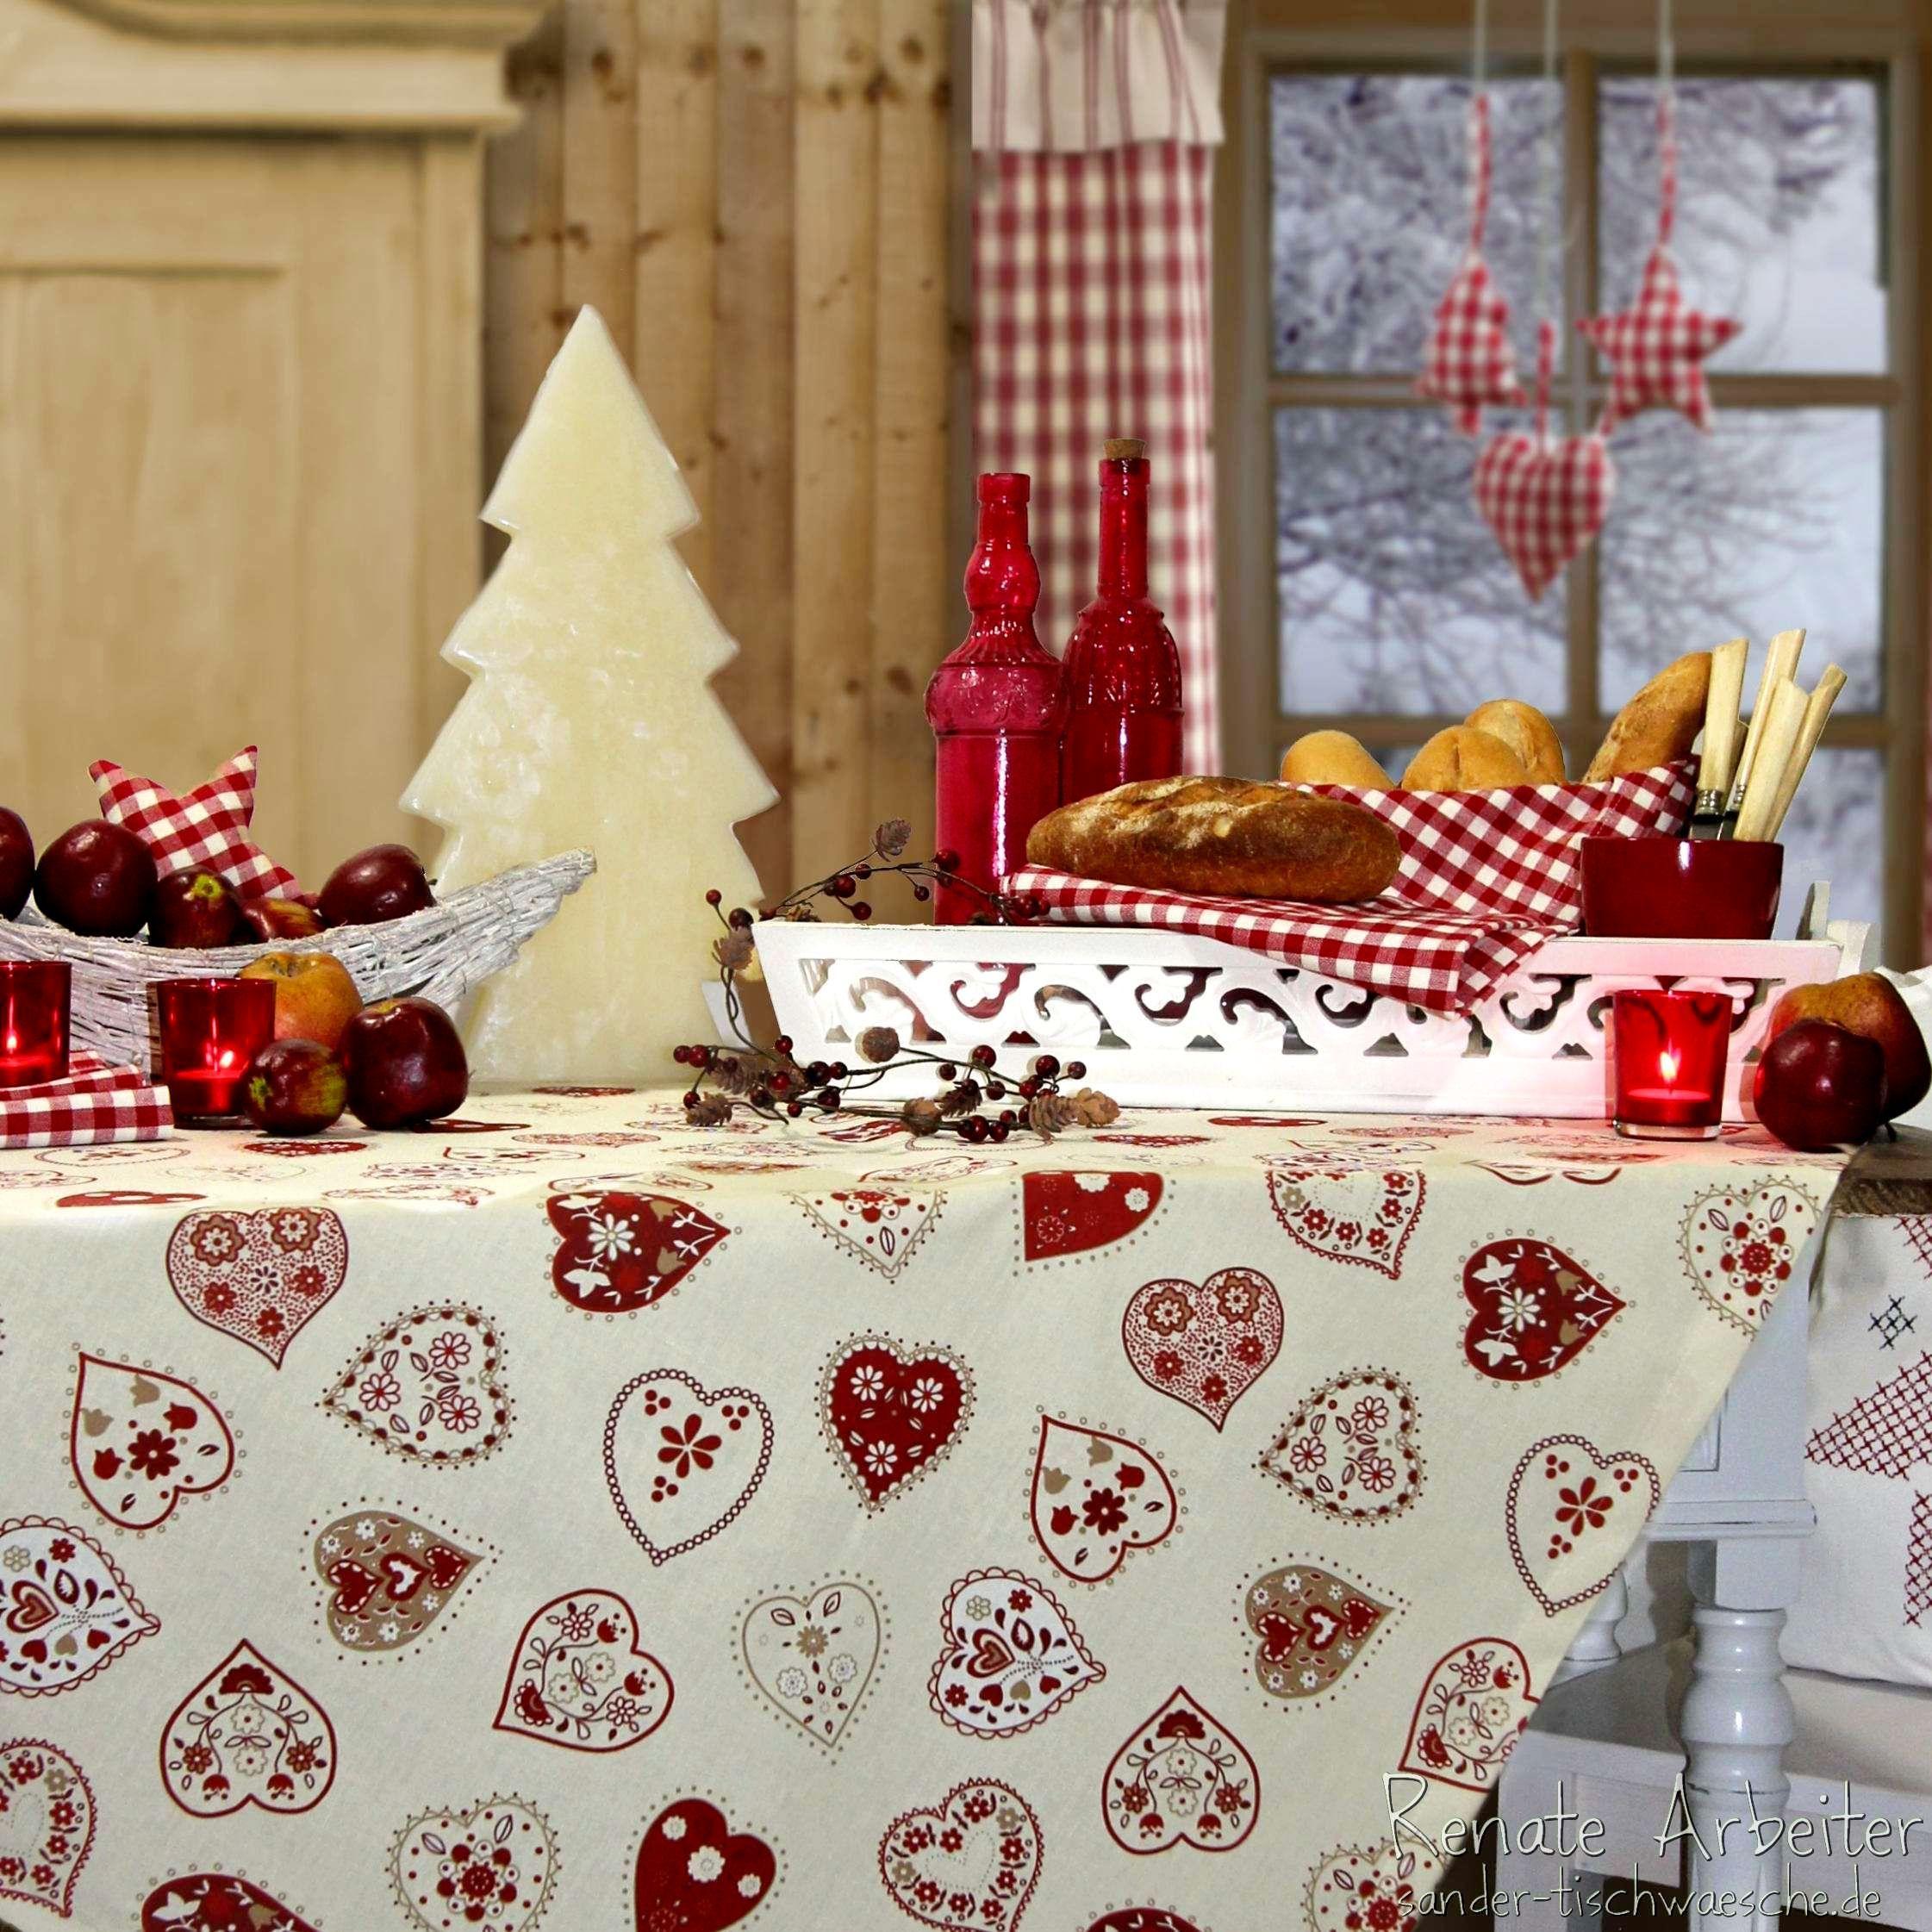 landhausweihnacht weihnachtstischdecke von sander bei sander weihnachten. Black Bedroom Furniture Sets. Home Design Ideas